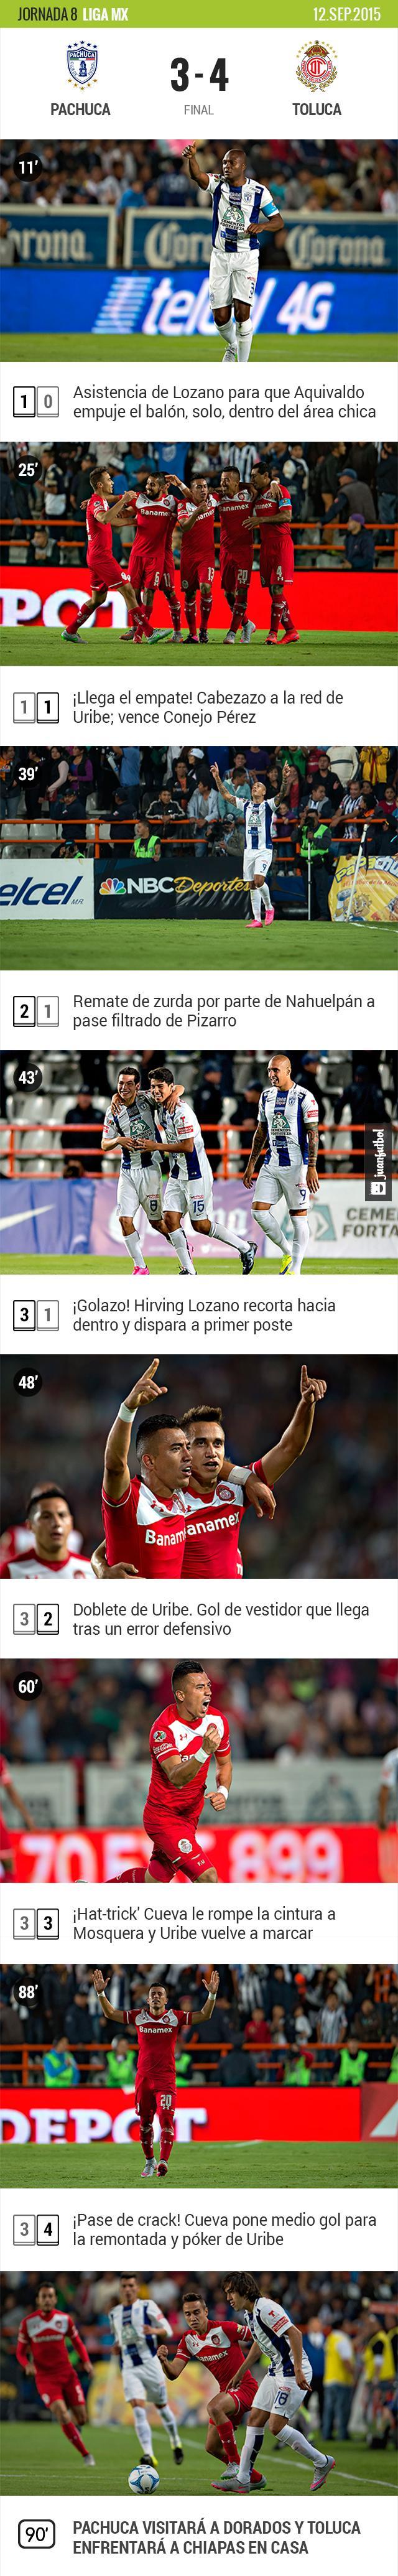 Pachuca 3-4 Toluca